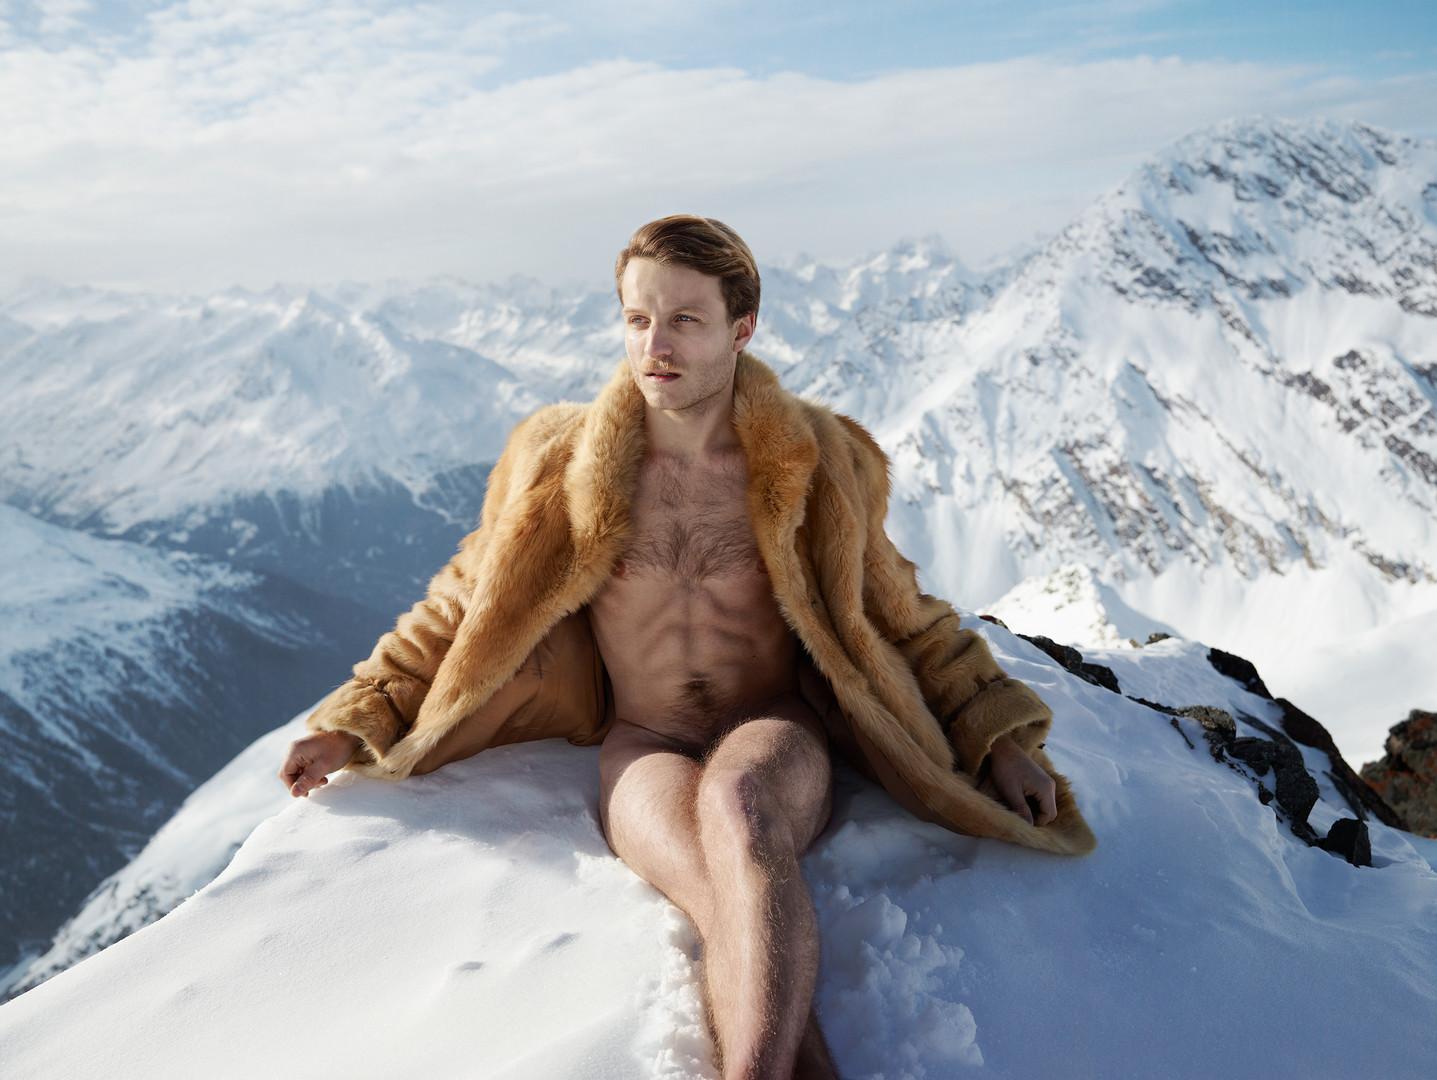 25andykassier naked snow.jpg